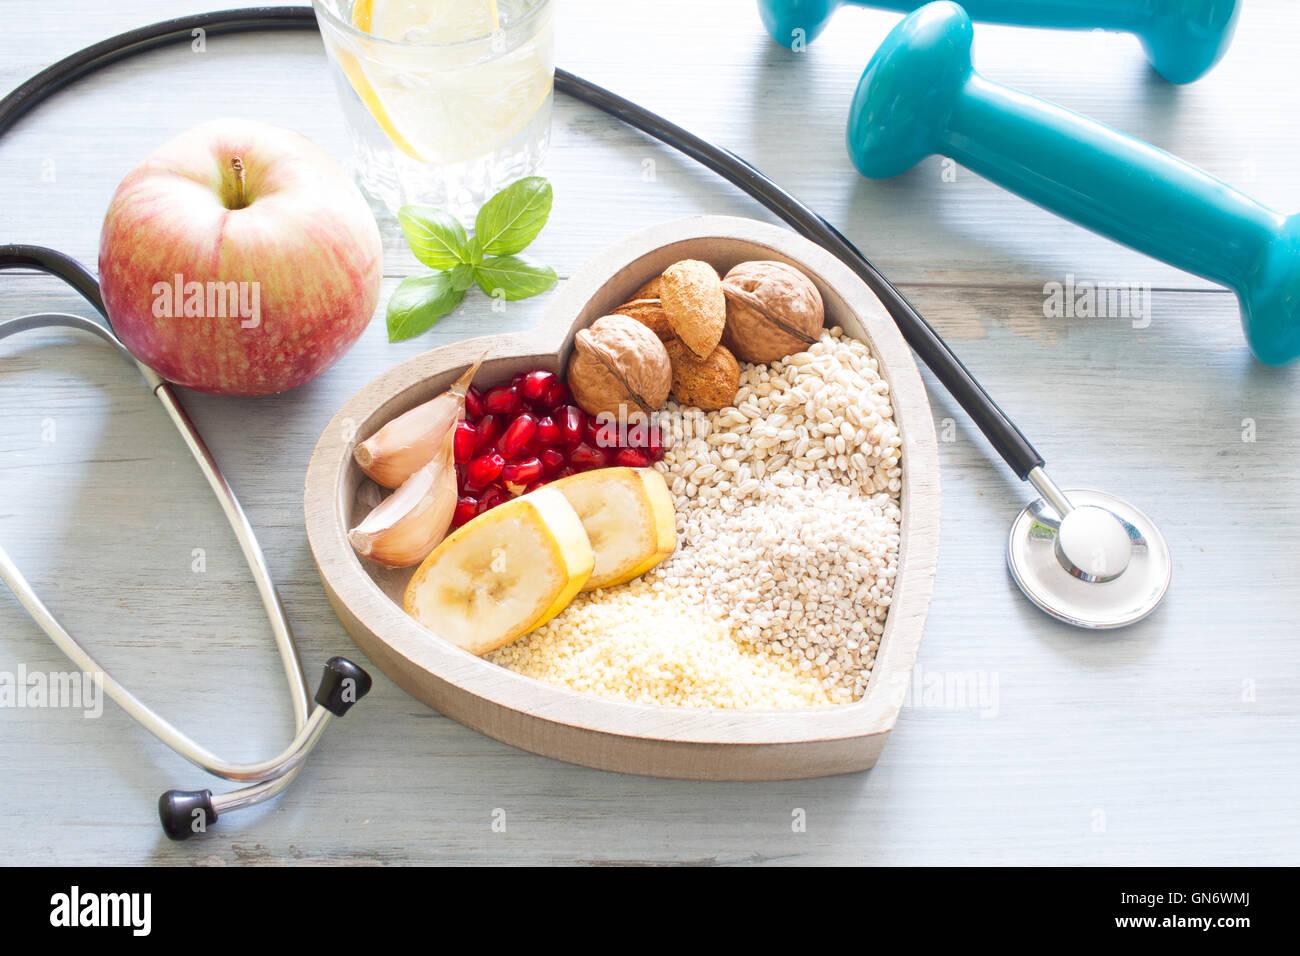 Gesunde Ernährung in Herz und Wasser Diät Sport Lifestyle-Konzept Stockbild